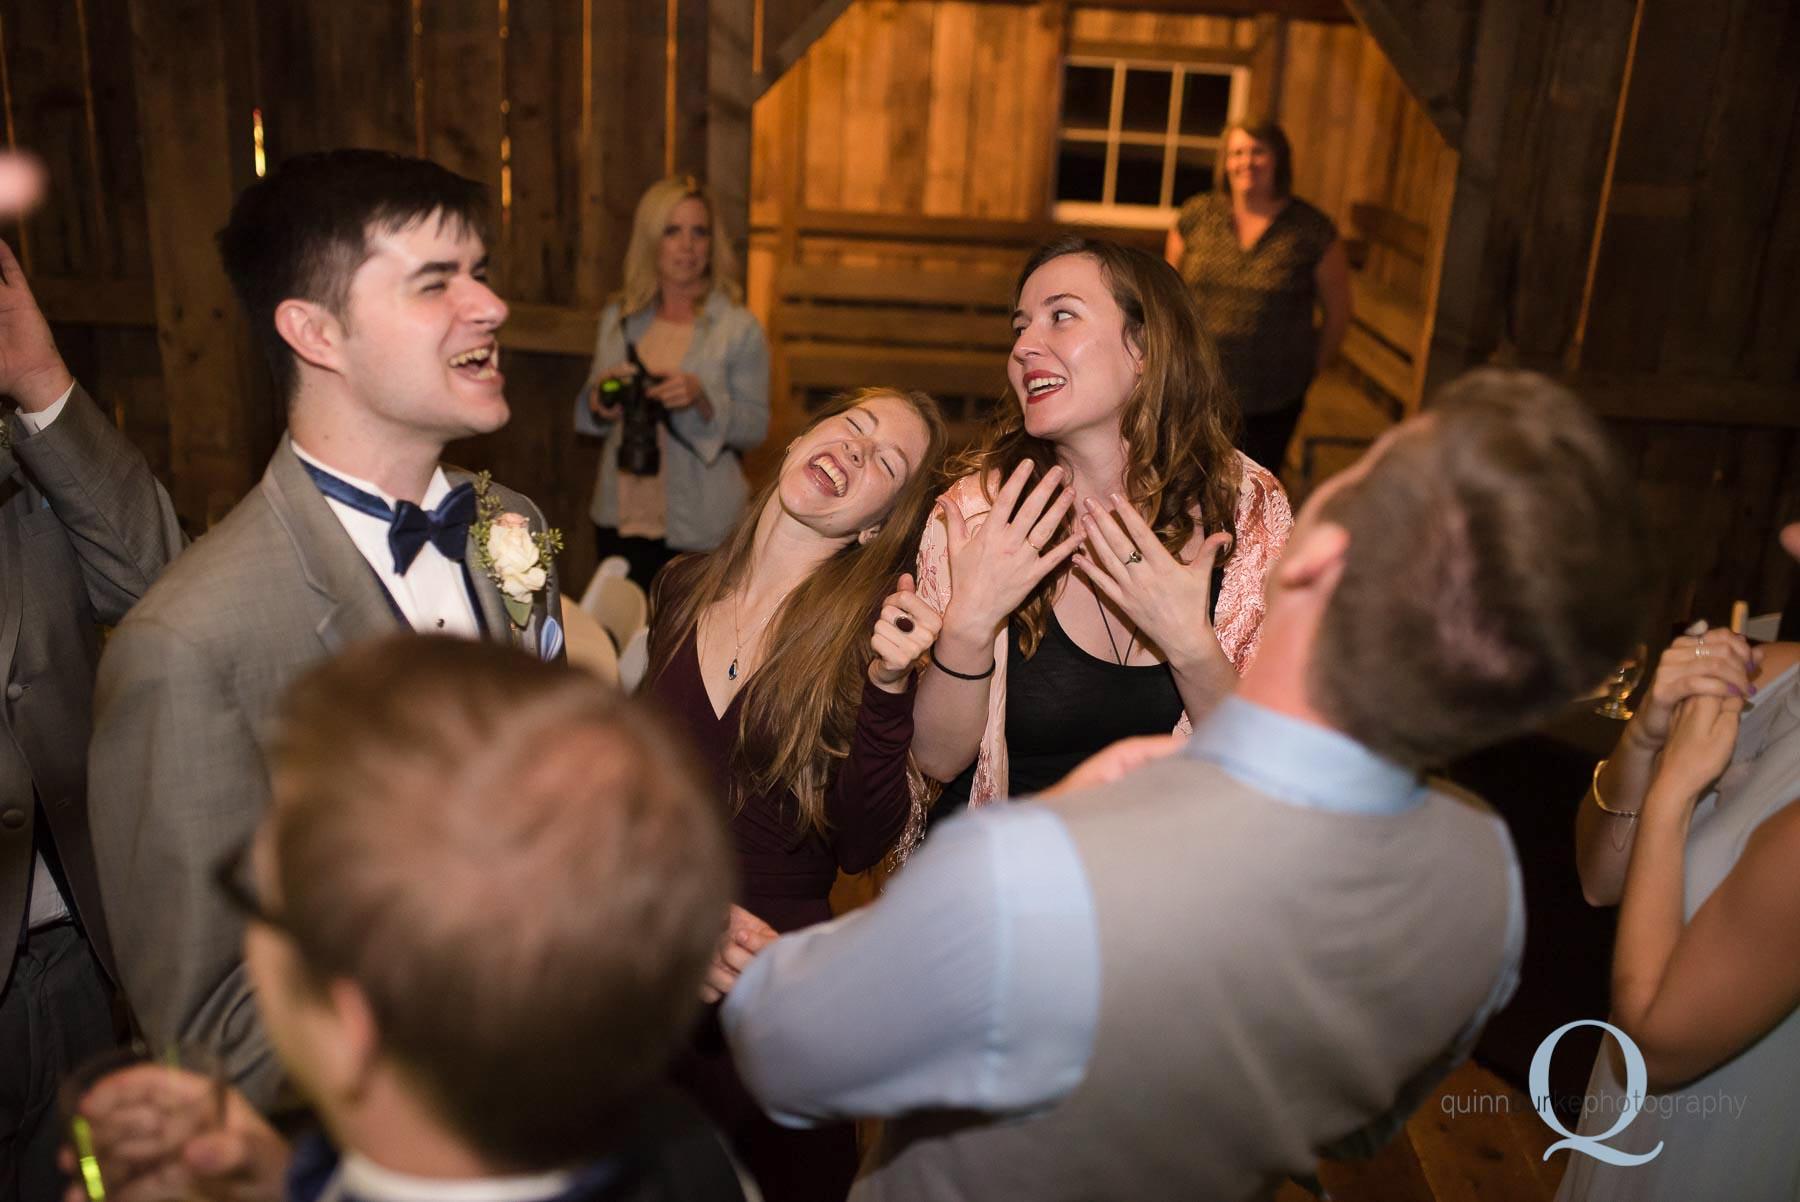 dancing in barn at Perryhill Farm wedding